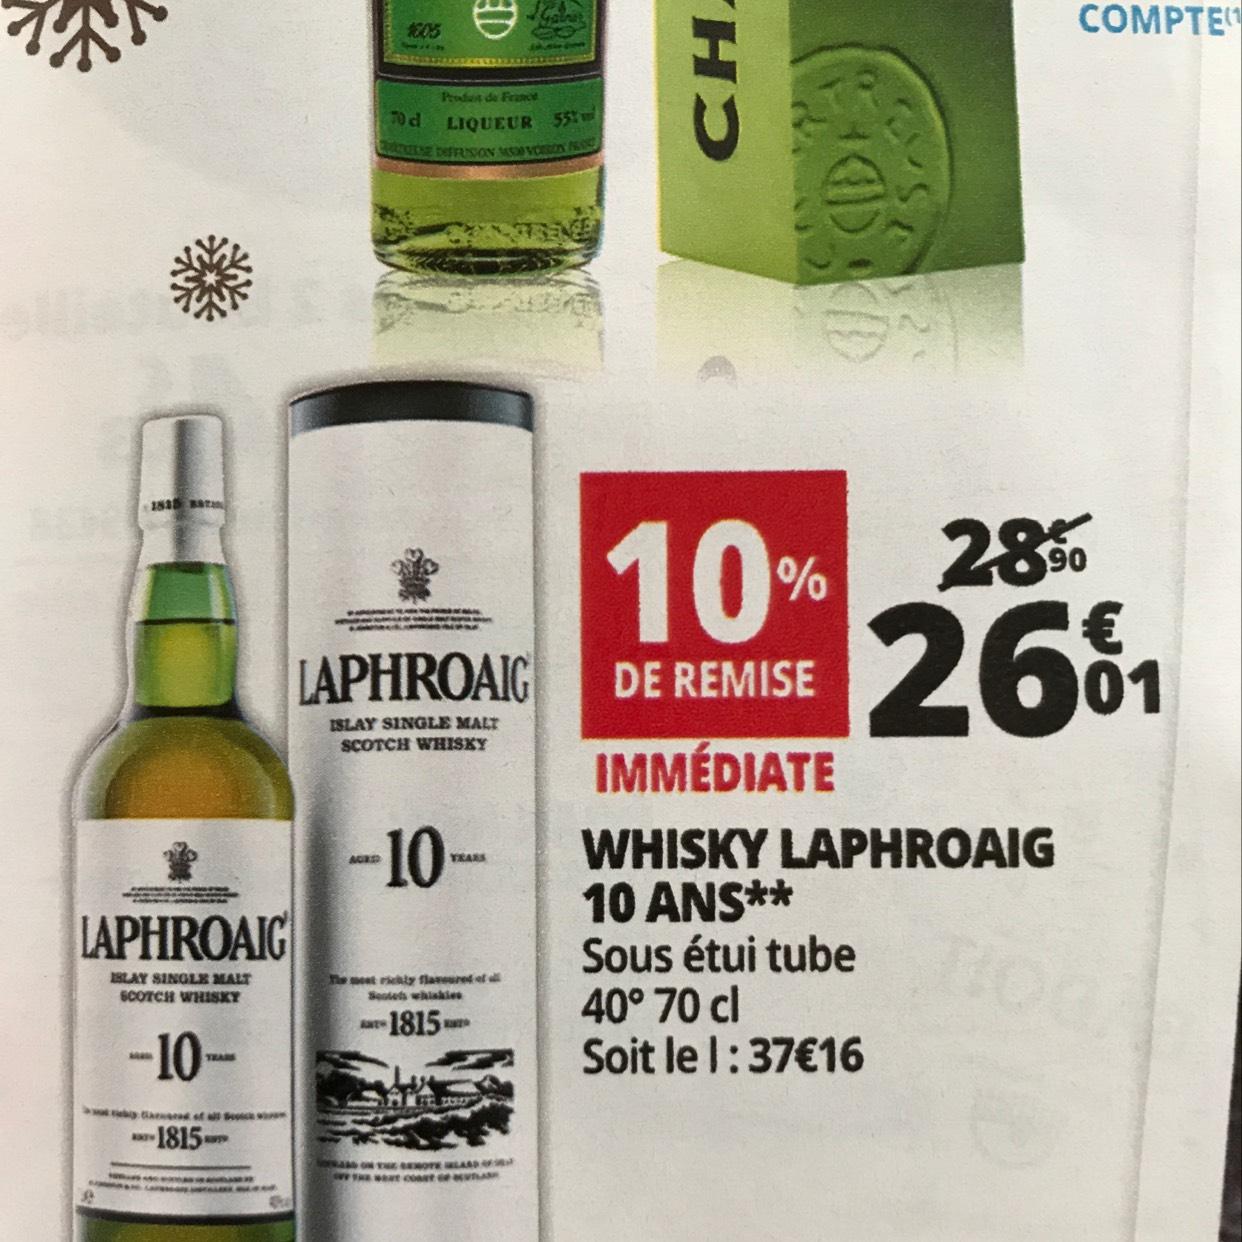 Whisky Laphroaig - 10 ans 70cl